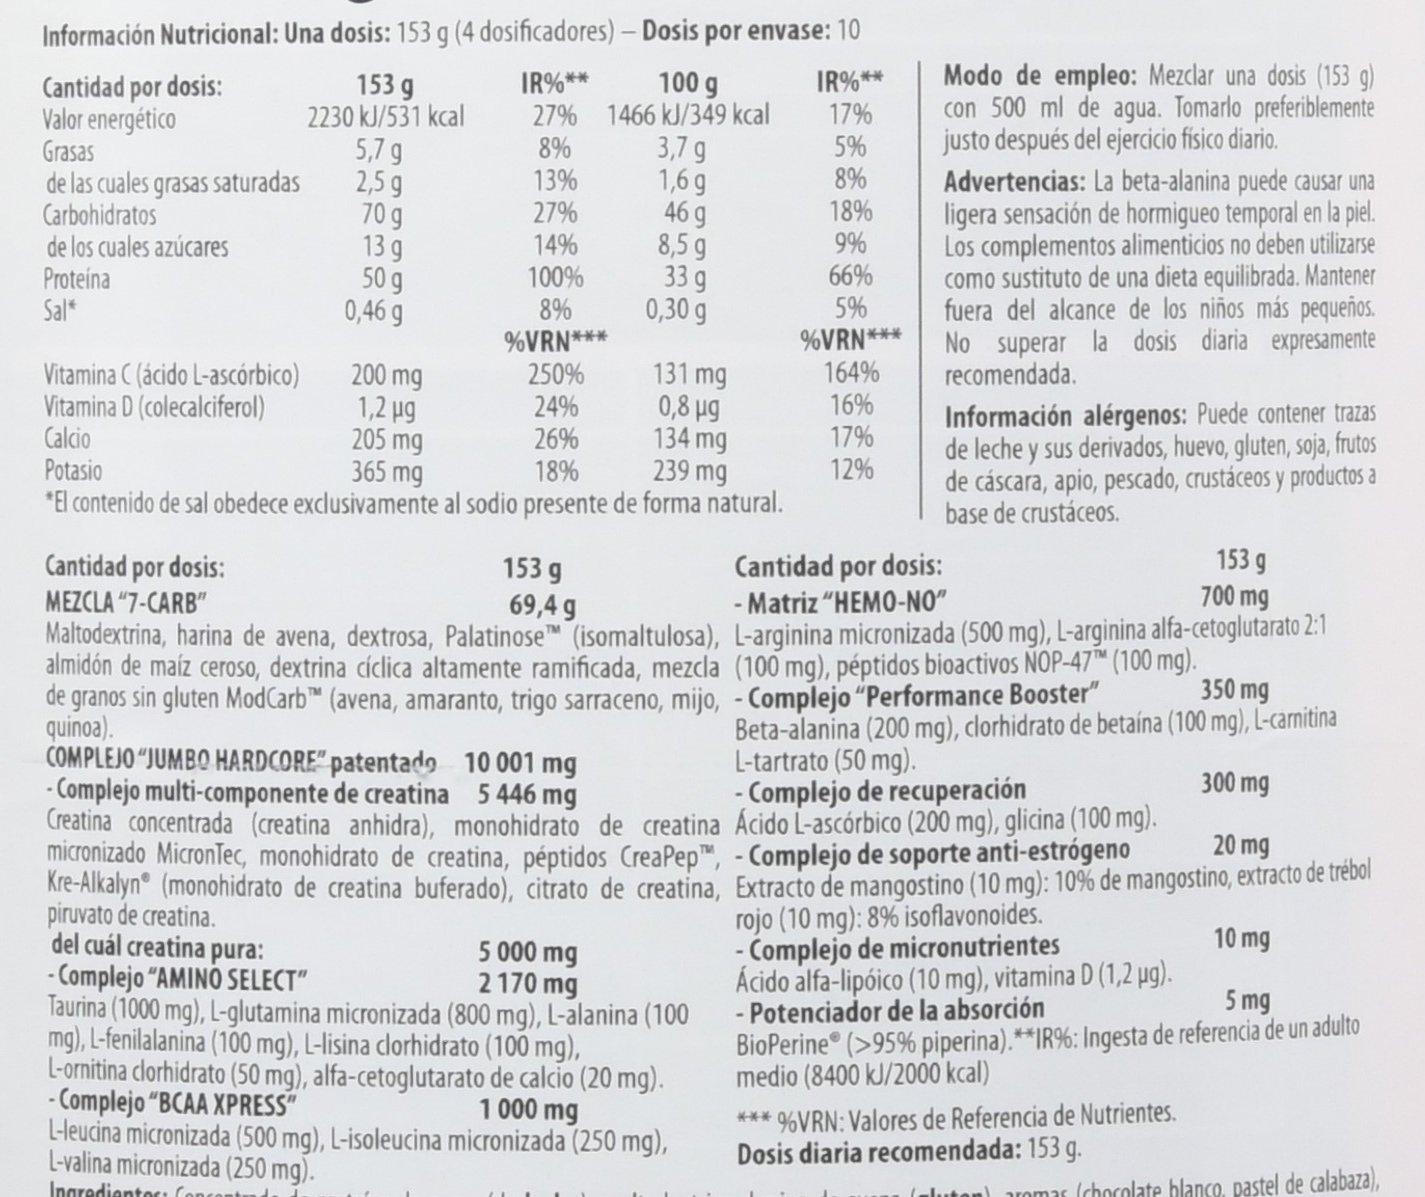 Scitec Nutrition Jumbo Hardcore, Suplimento Nutricional con Sabor de Chocolate Blanco, 1530 g: Amazon.es: Salud y cuidado personal